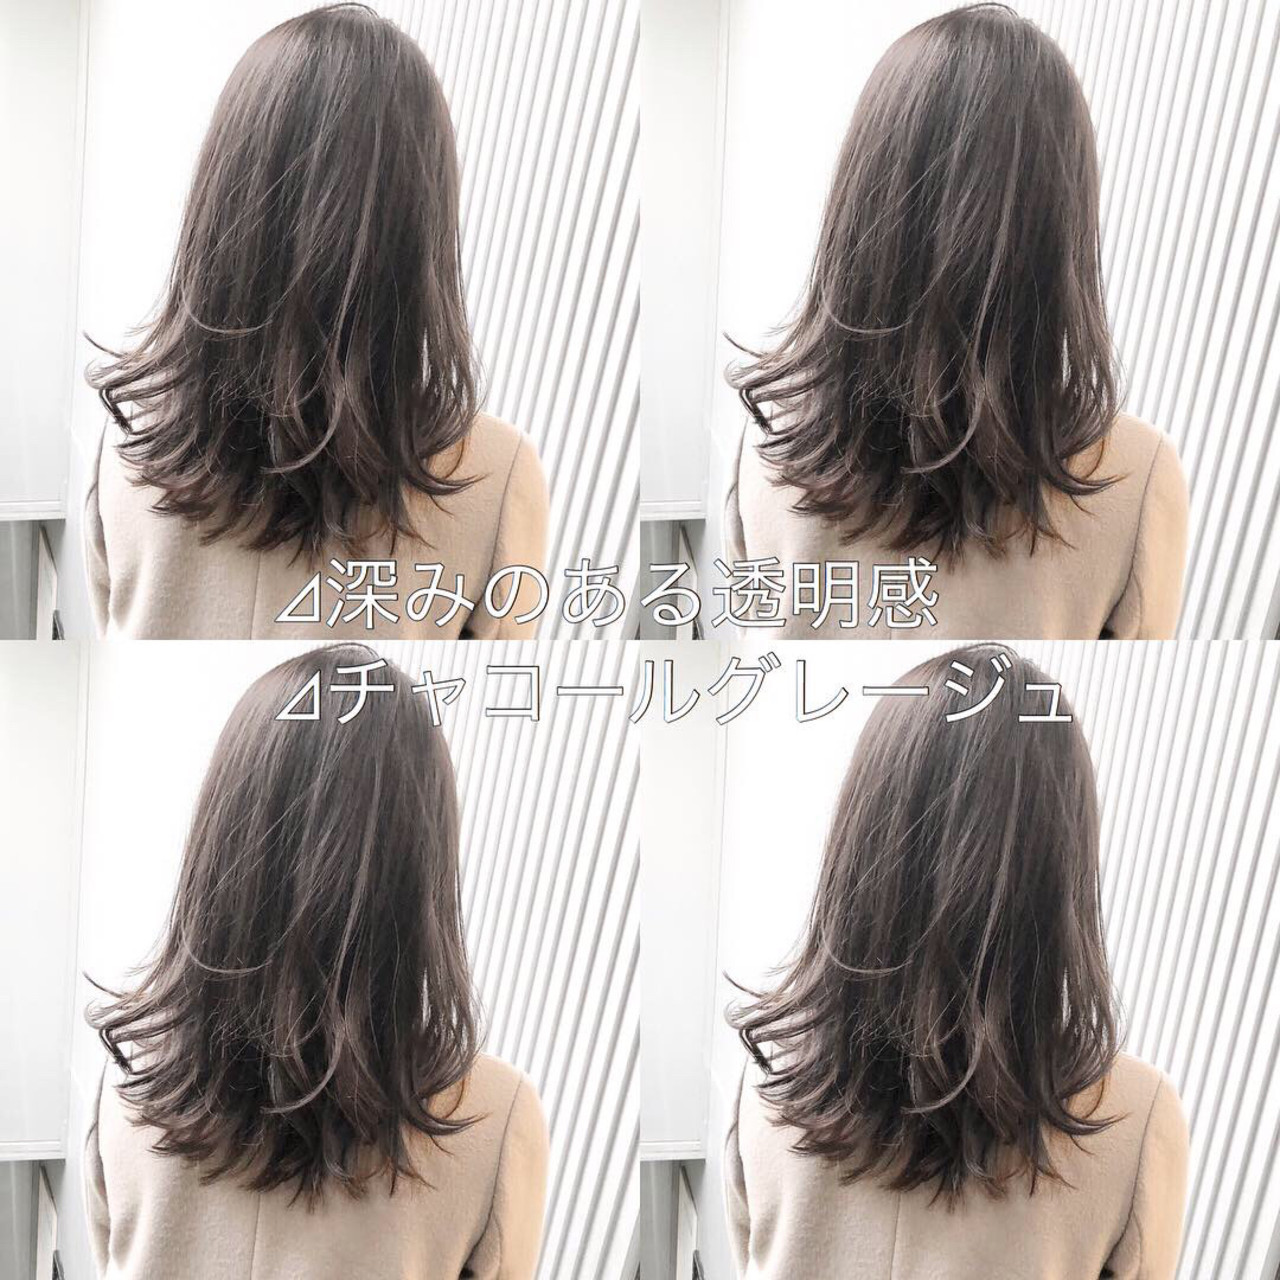 アンニュイほつれヘア アッシュ グレージュ ナチュラル ヘアスタイルや髪型の写真・画像